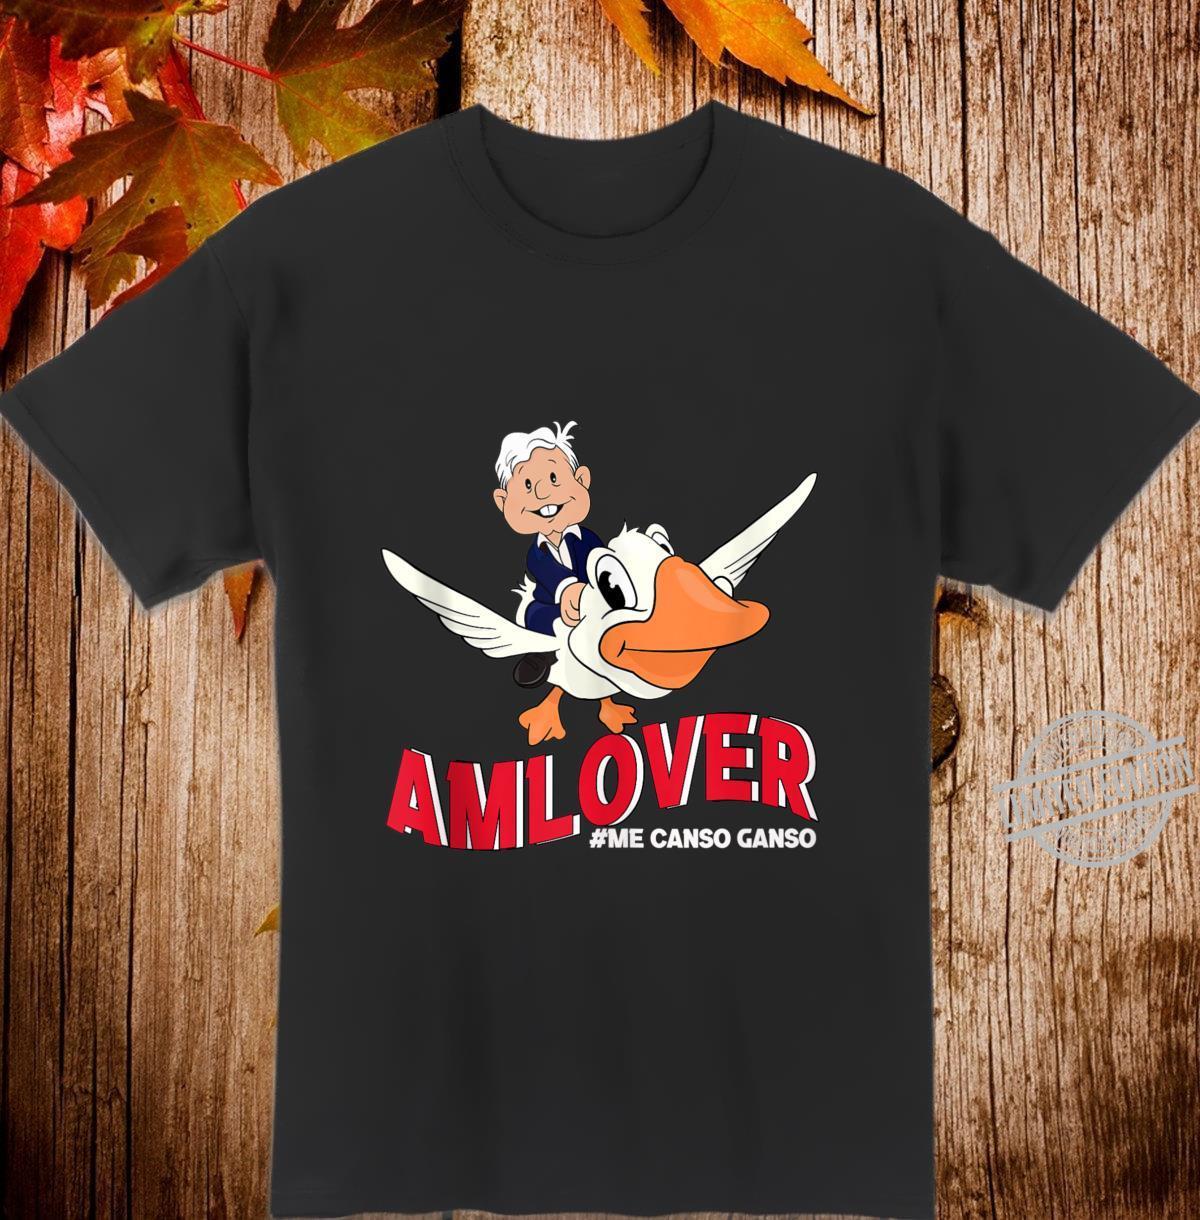 AMLOVER Mexican Presidente Lopez Obrador El ganso AMLO Shirt